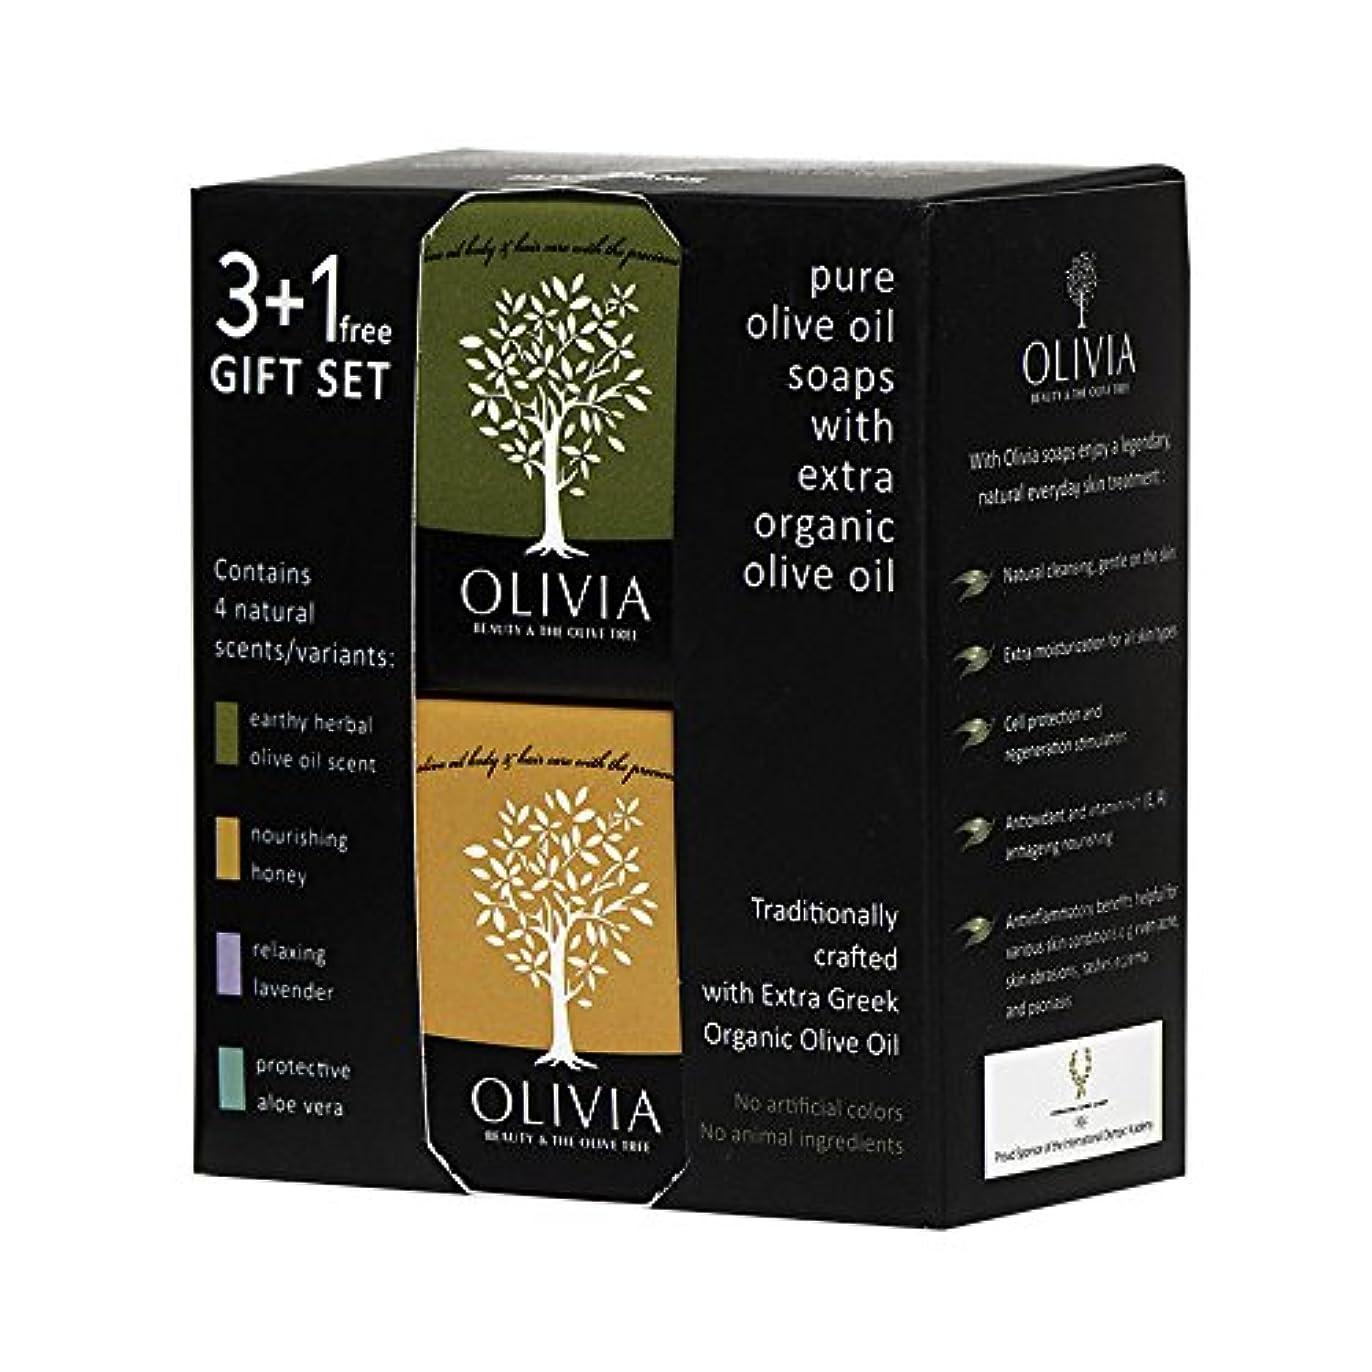 ティームけん引メタルラインOlivia(オリビア) ナチュラルバーソープ 3+1フリーギフトセット